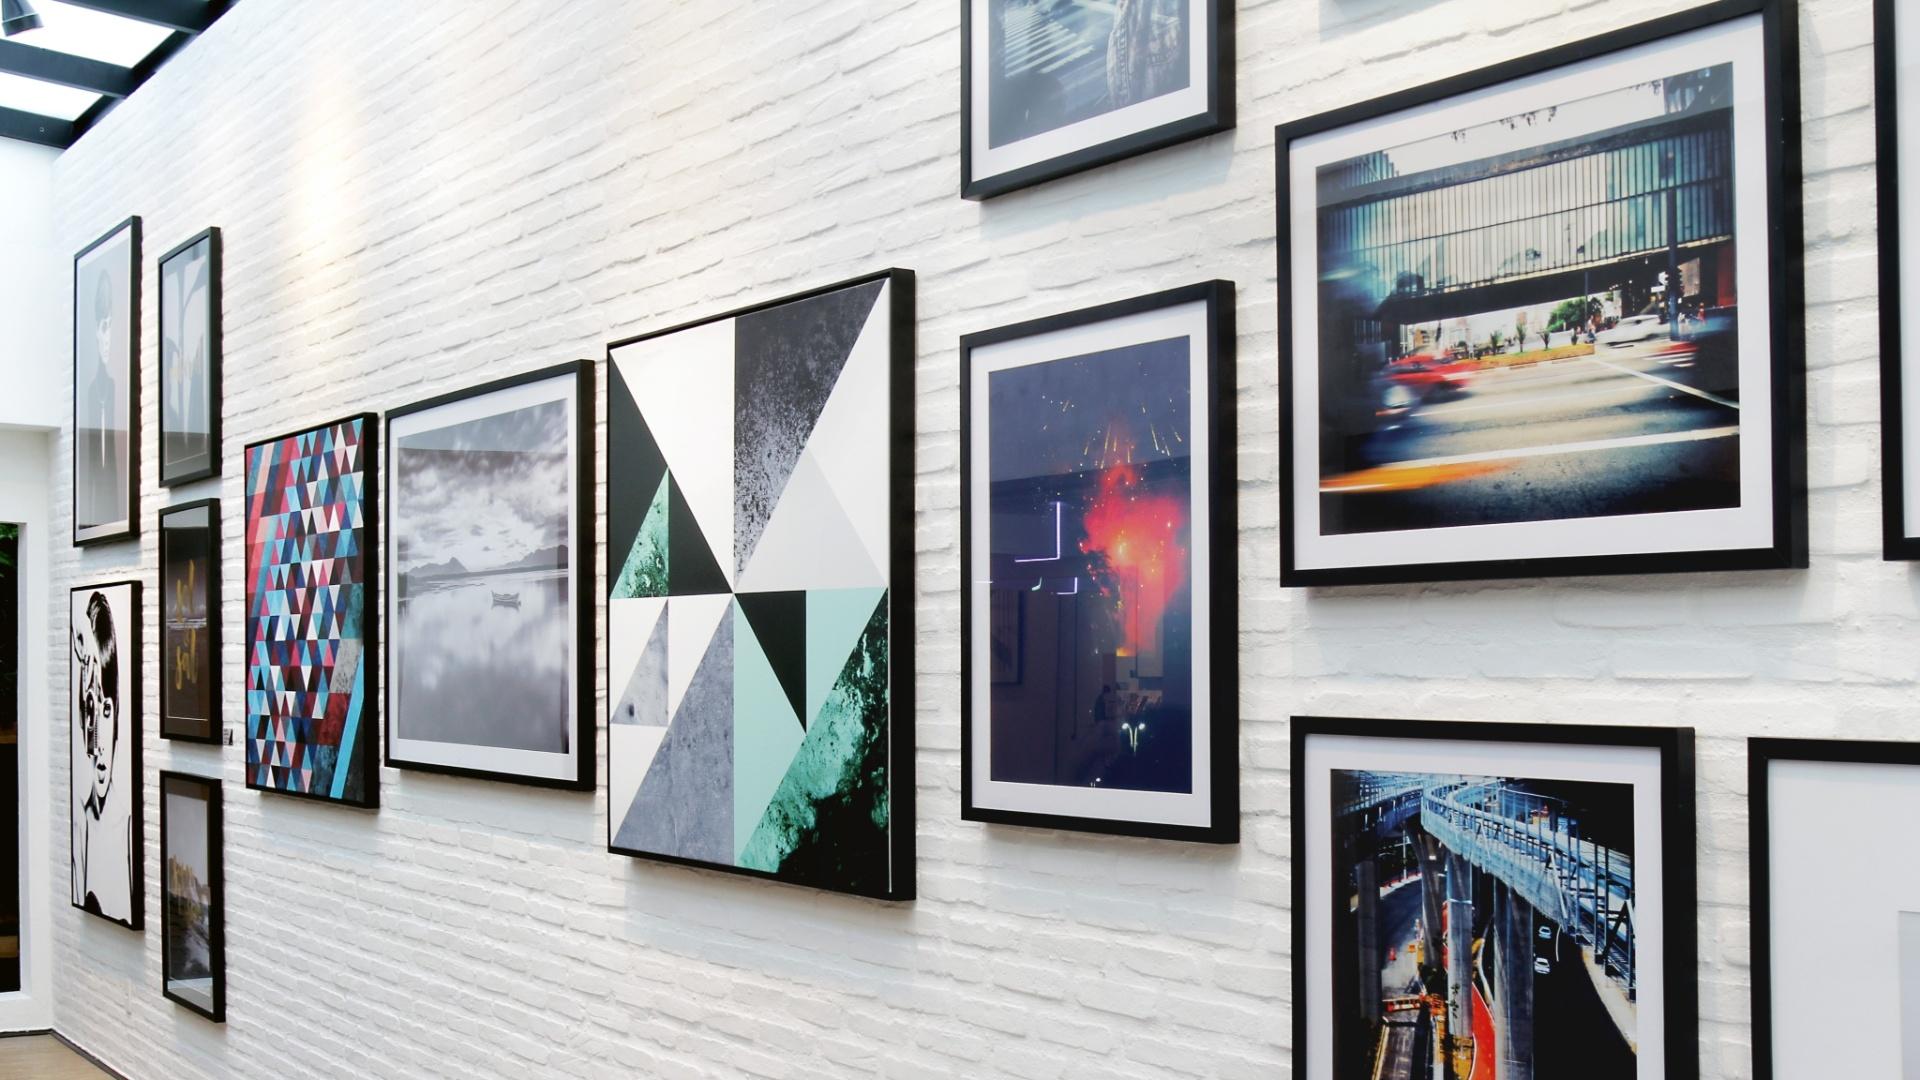 Urban Arts galeria em São Paulo